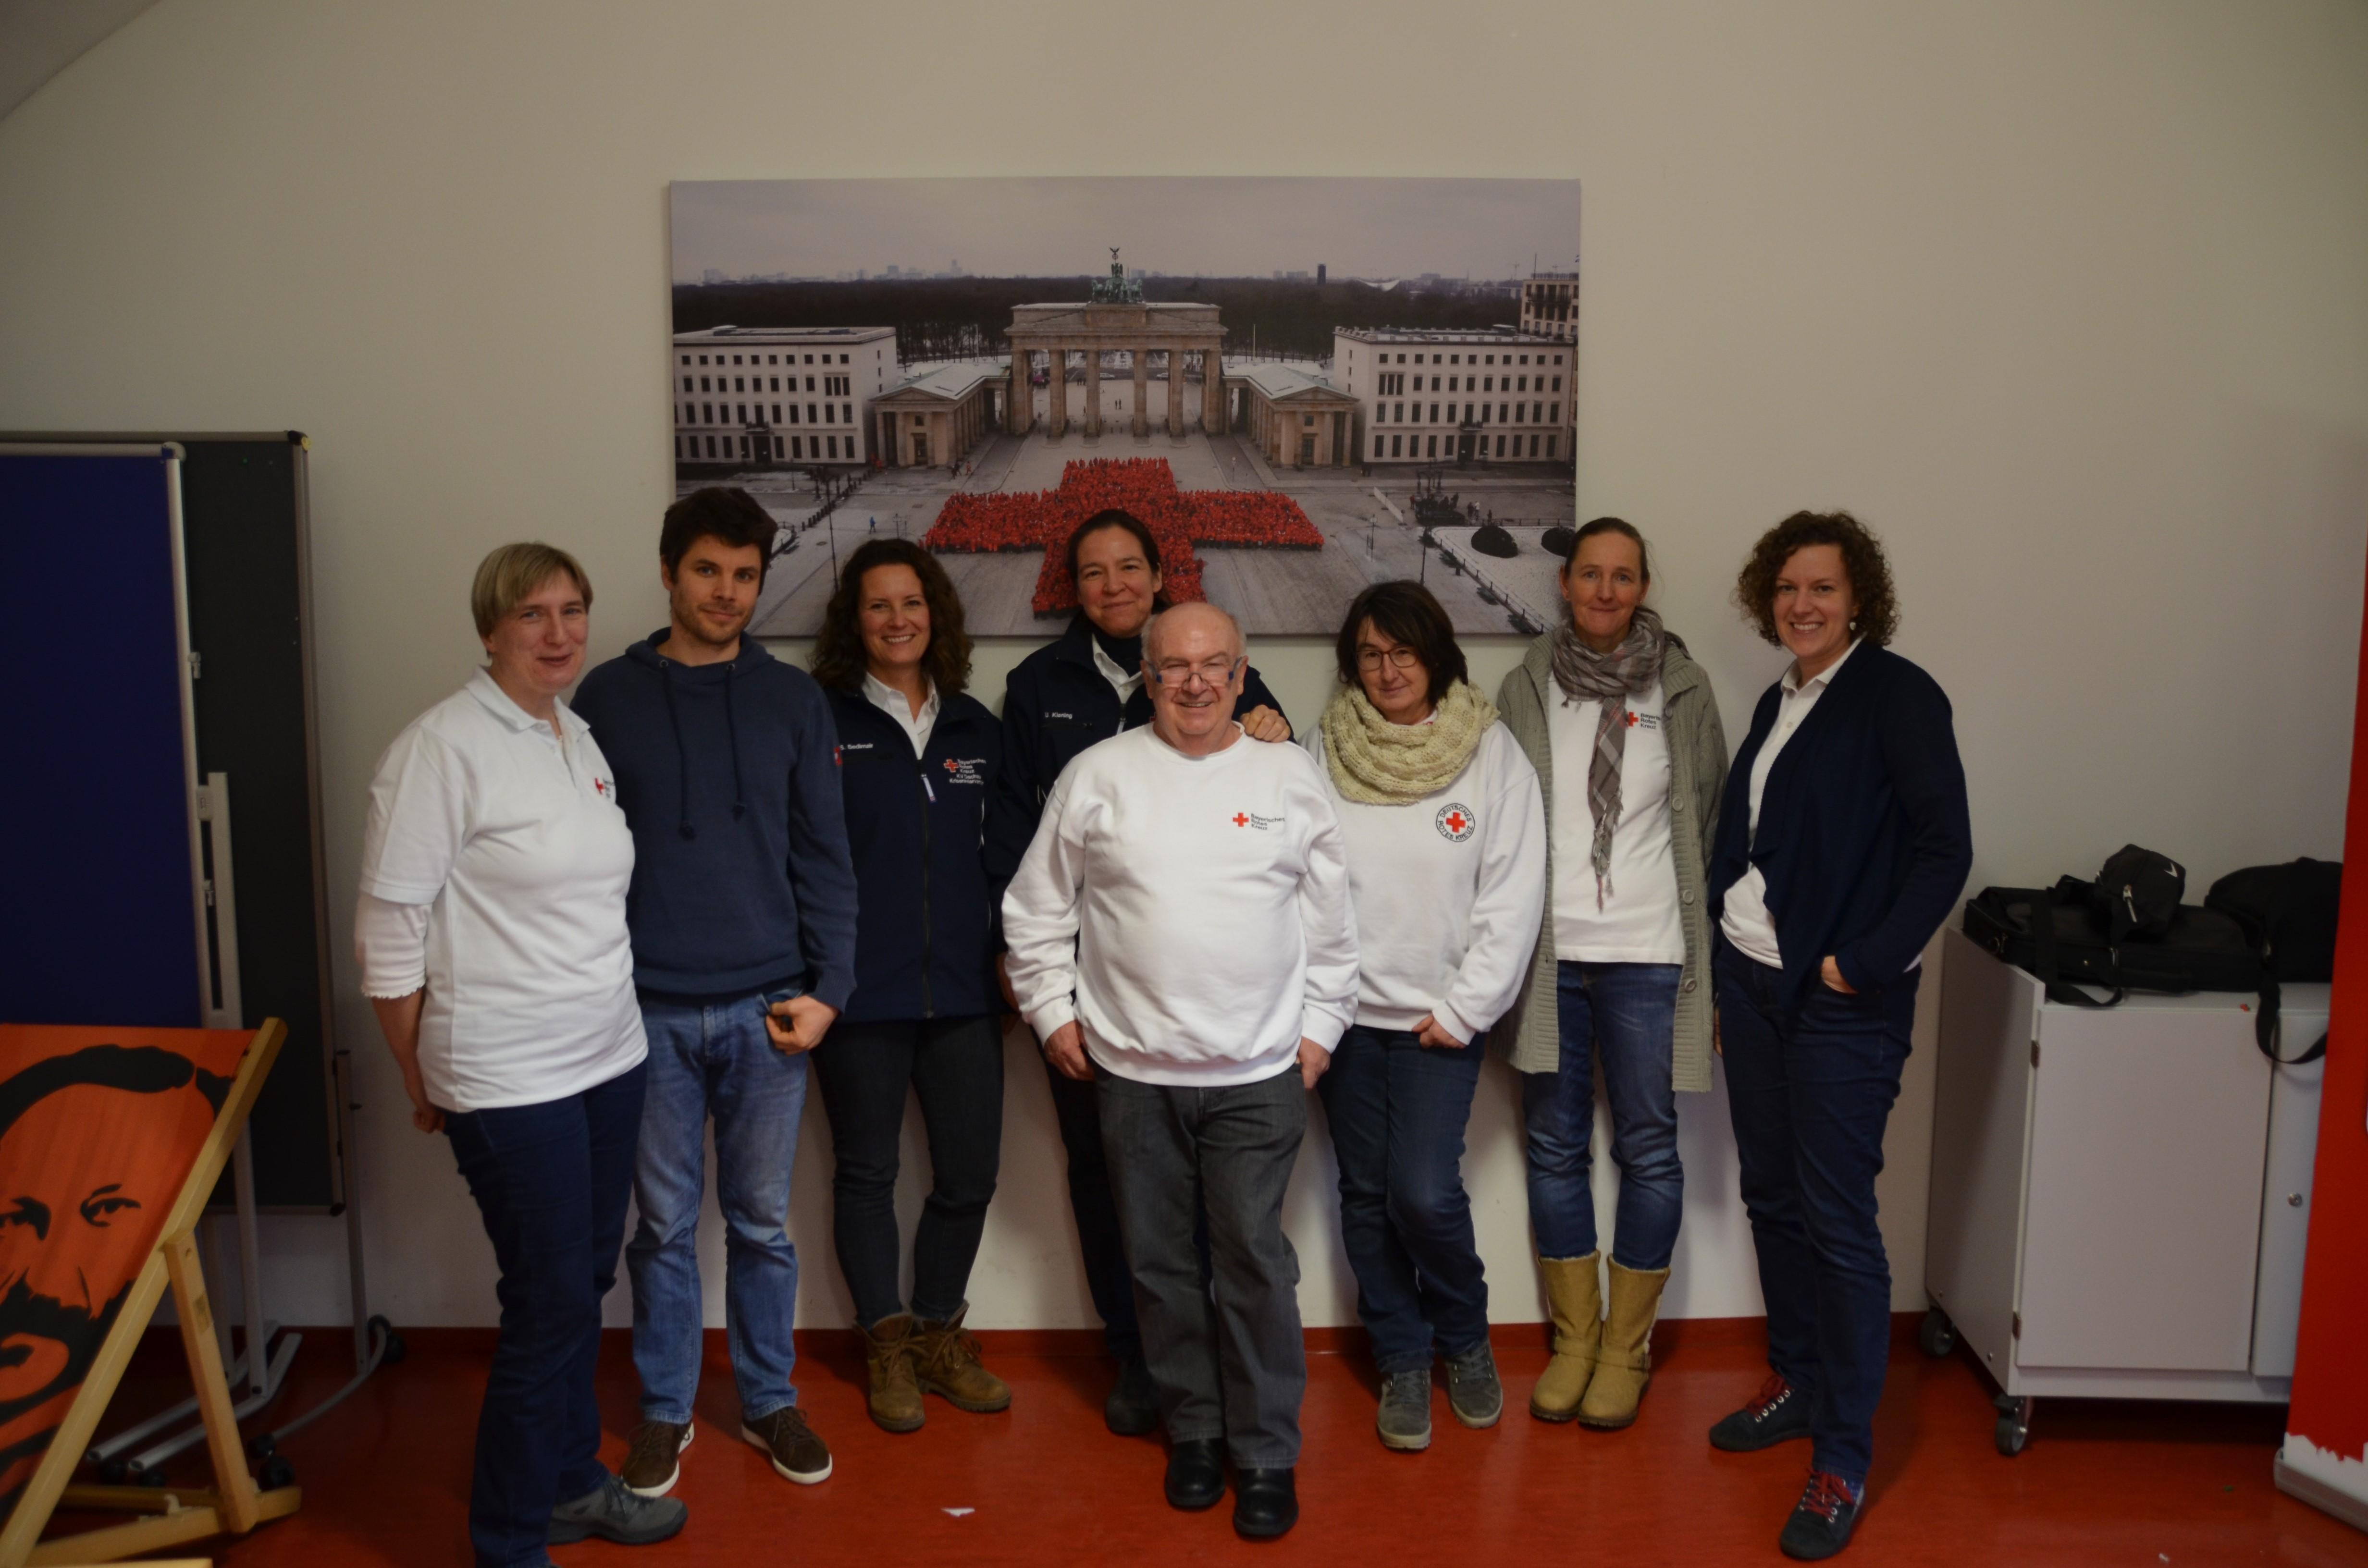 Foto von links: Silke Biglmeir, Chris Janisch, Iris Rempis, Ursula Kiening, Emmy Rückert, Daniela Ettl, Alex Frey. In der Mitte im weißen Sweatshirt Günther Ries